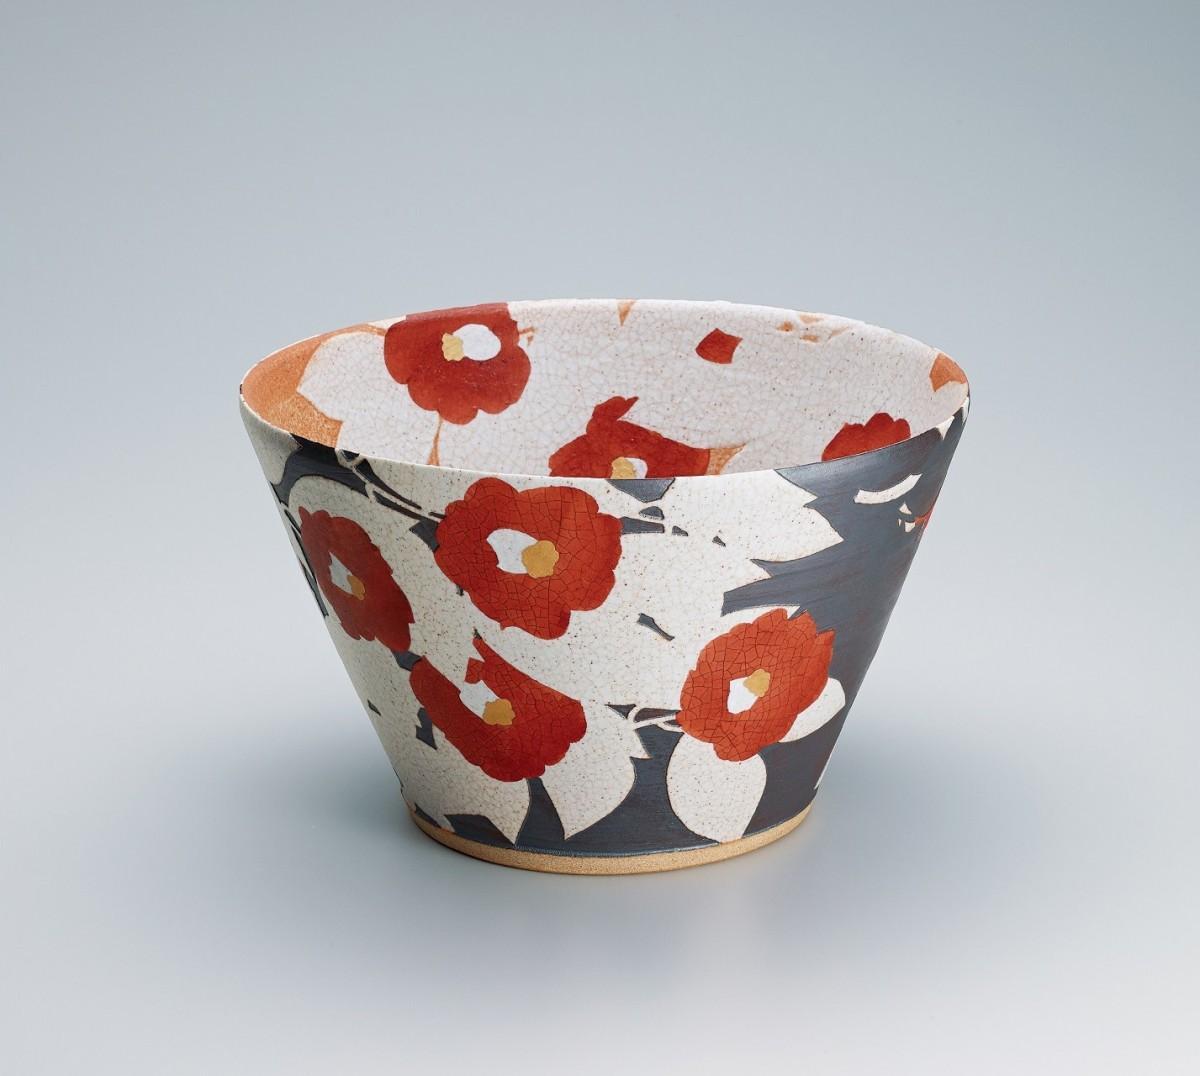 日本工芸会総裁賞を受賞した望月集さんの陶芸作品「椿」